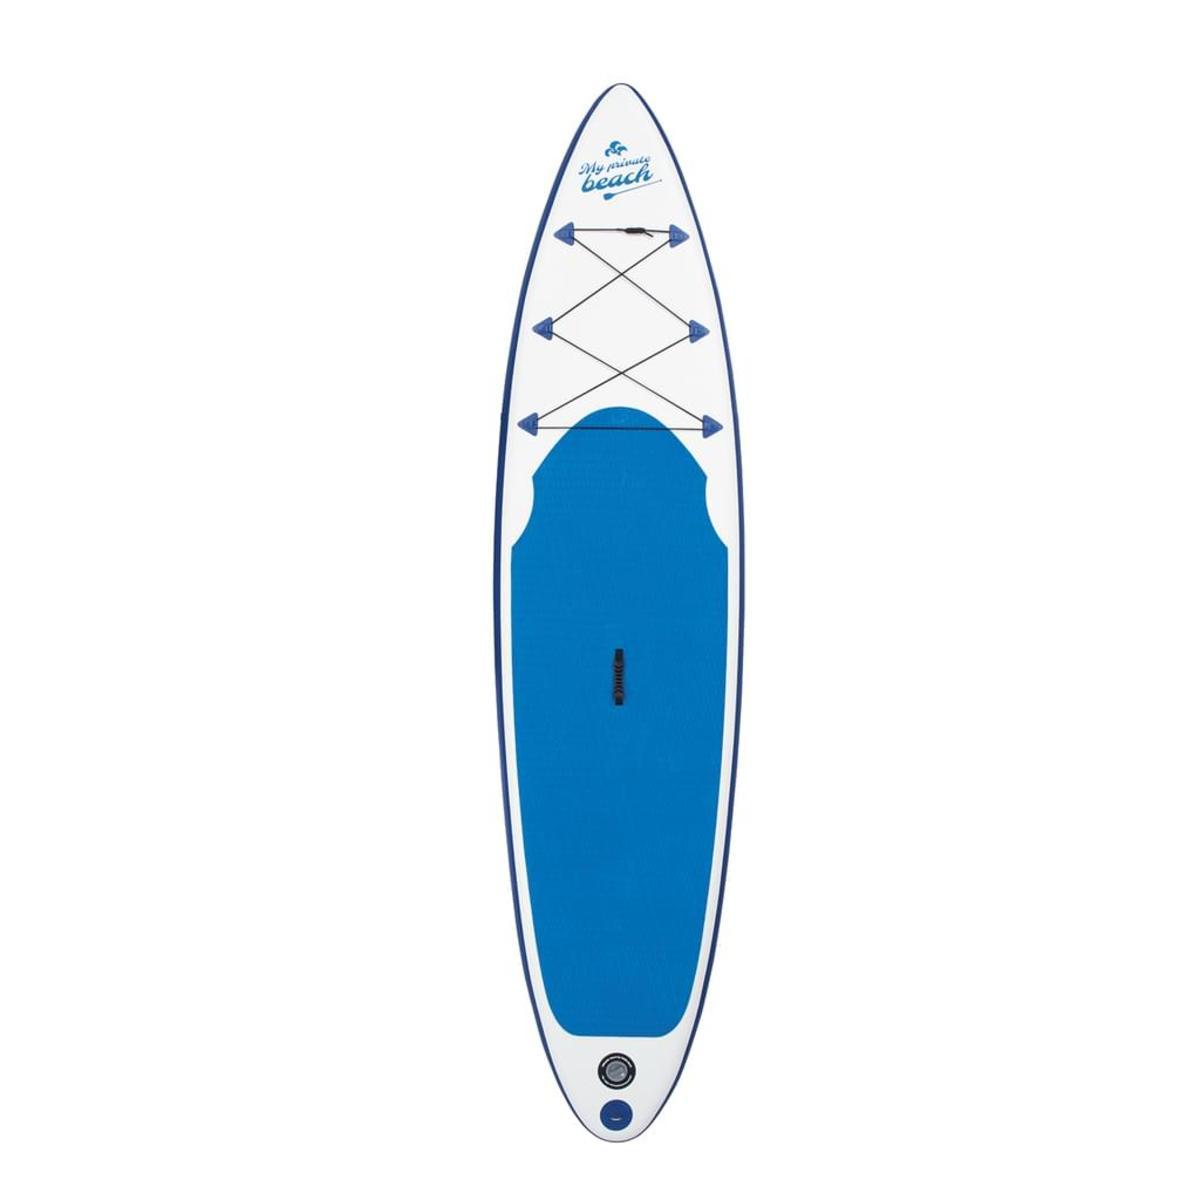 Bild 2 von EASYmaxx Stand Up Paddle Board - Paddelboard Wellenreiter aufblasbar - 320 x 76 x 15 cm - weiß/blau | SUP | Surfboard